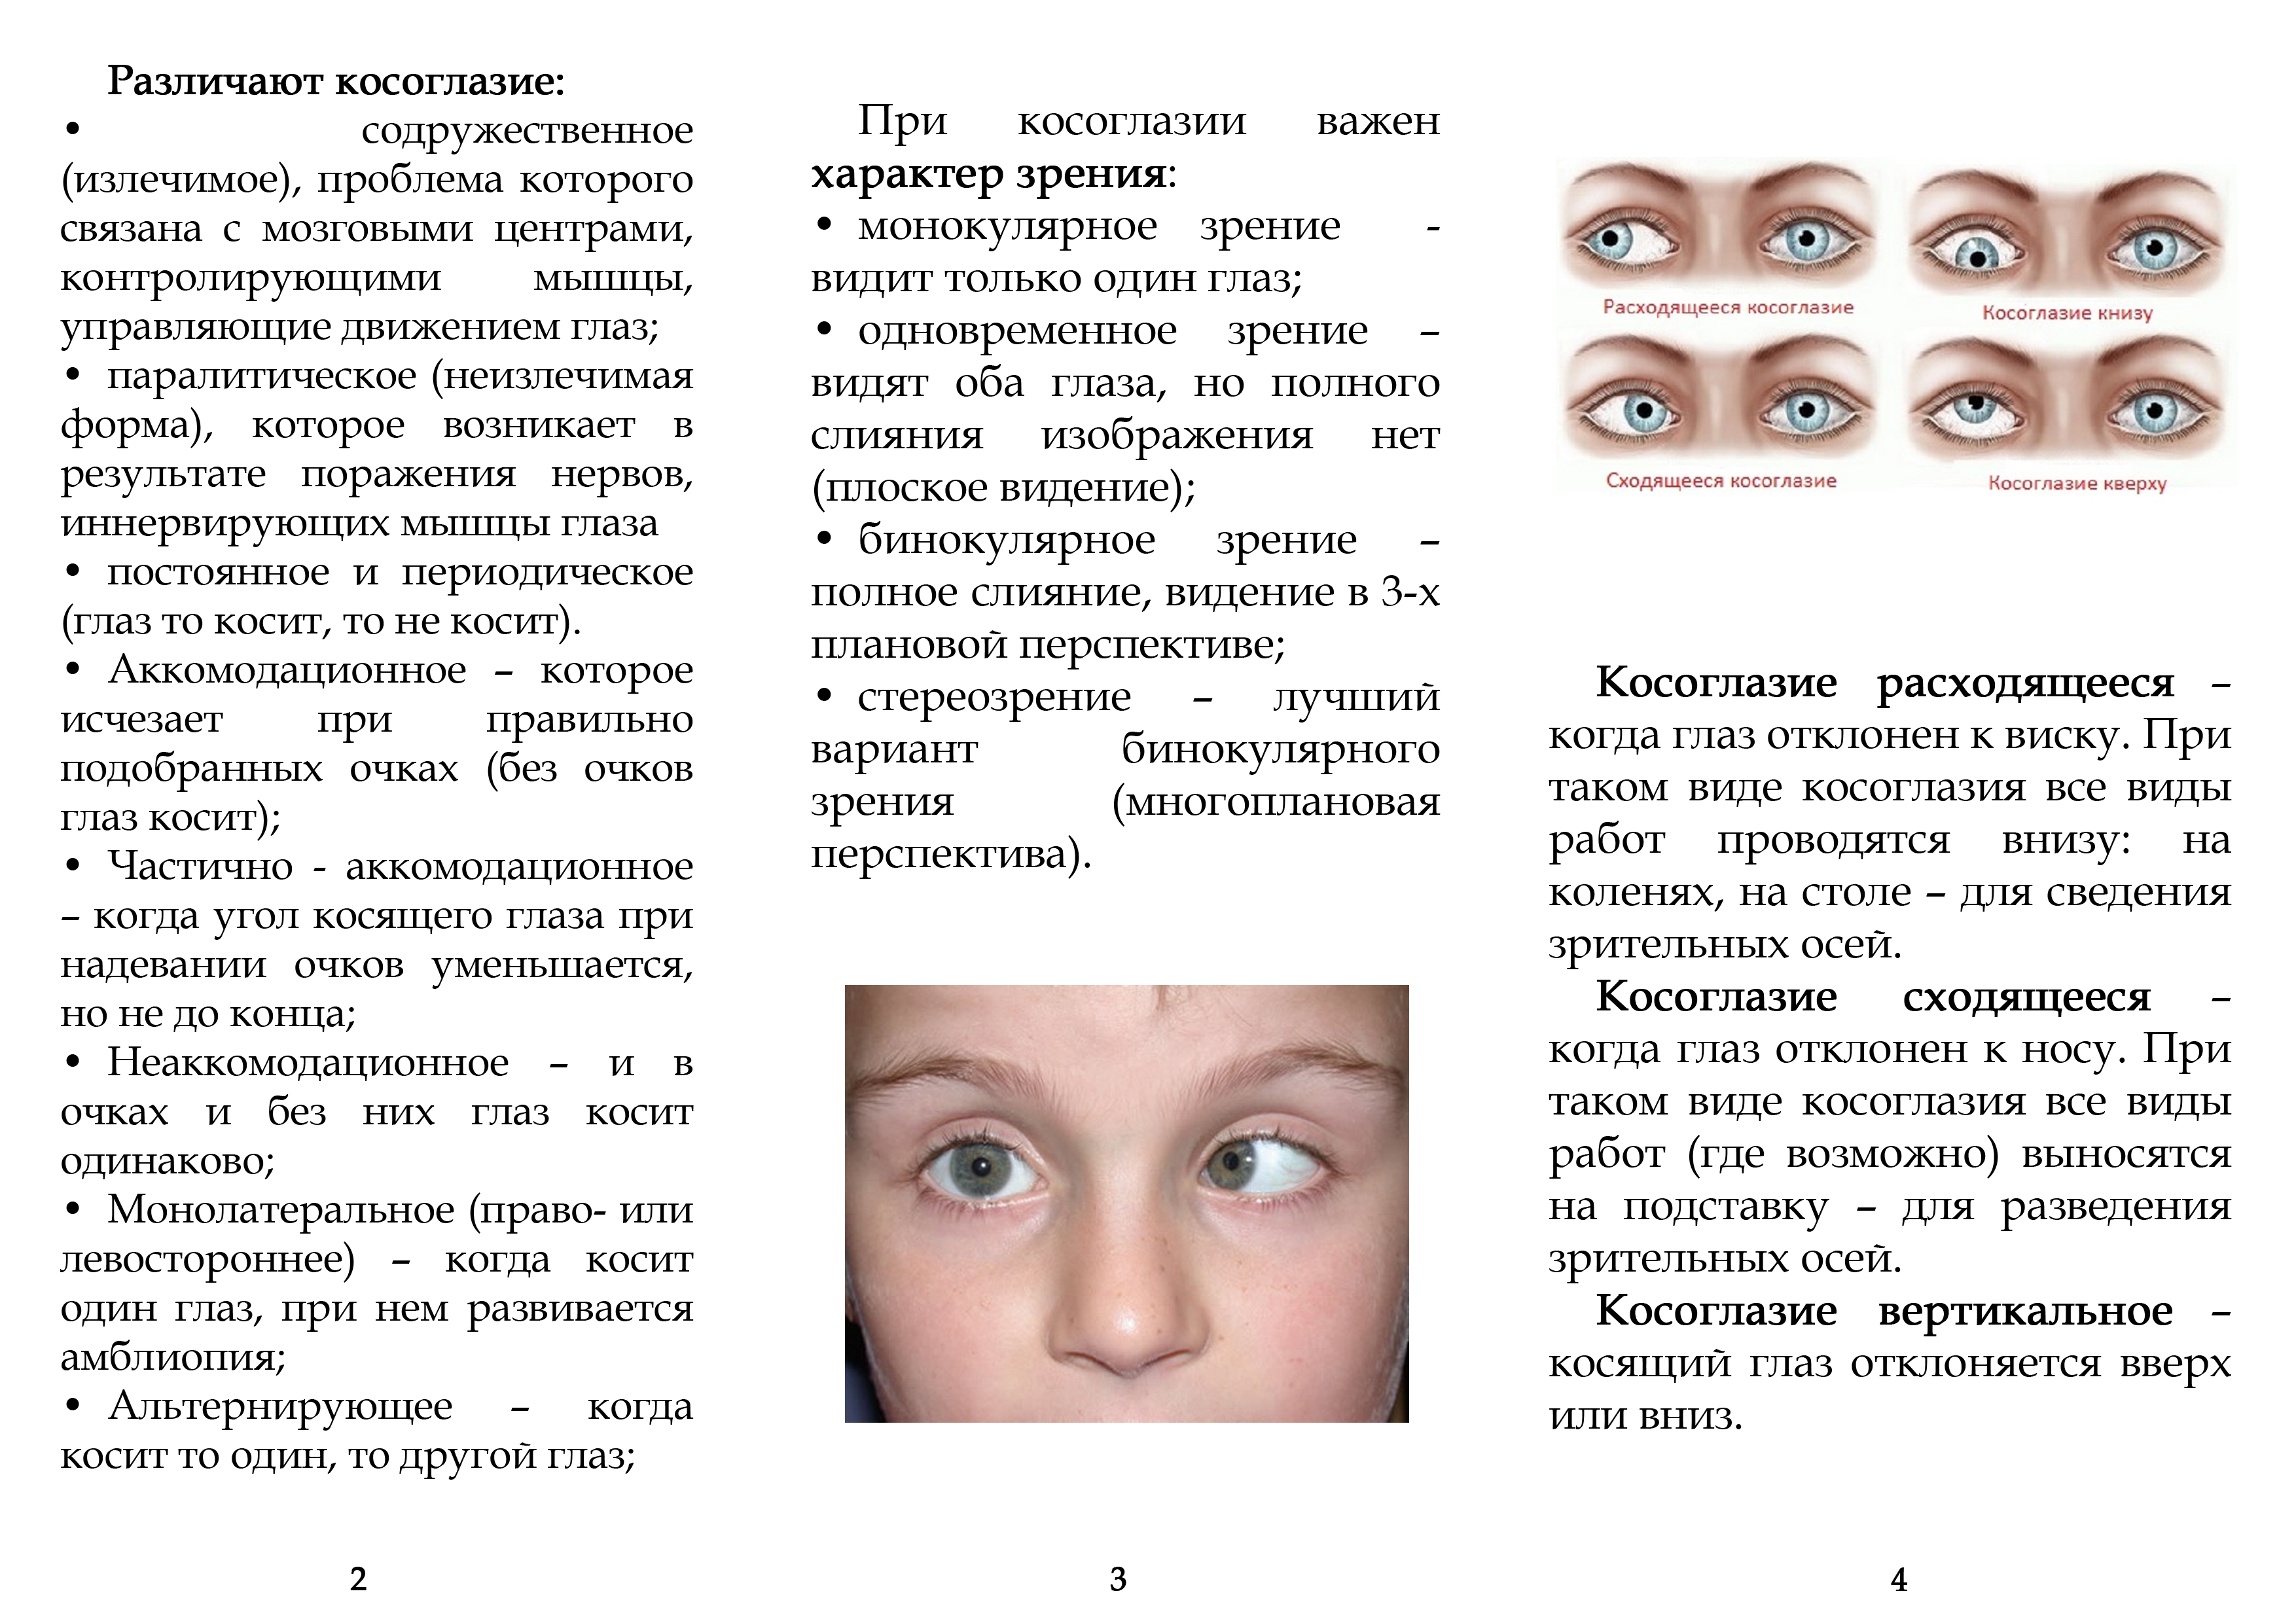 Упражнение от косоглазия у взрослых: отличия патологии от детей, гимнастика для исправления зрения, зарядка при расходящемся и сходящемся страбизме